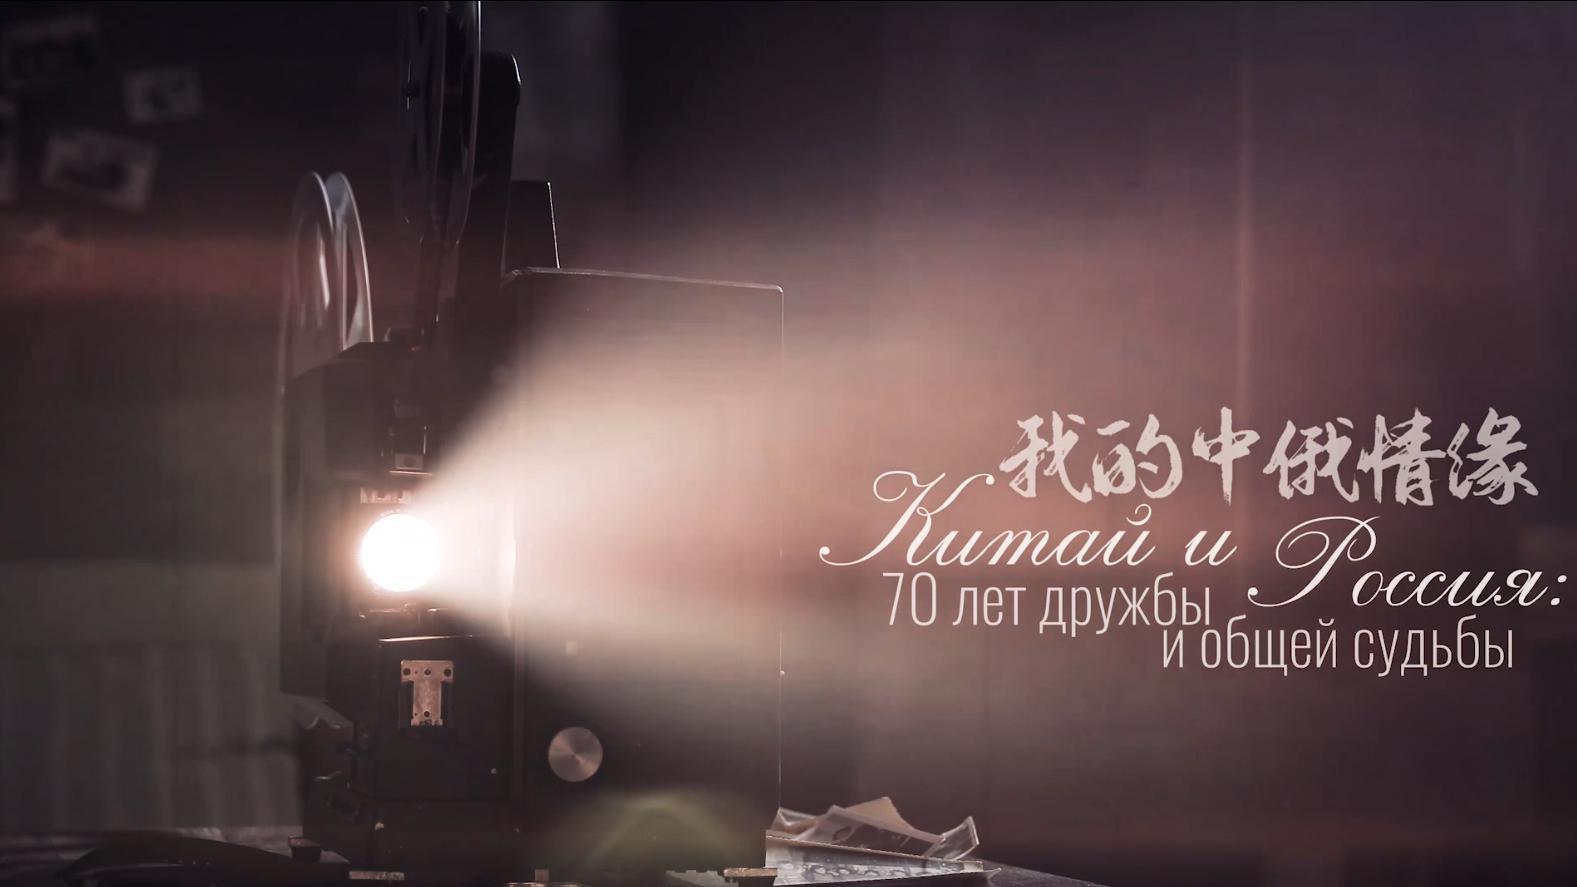 【辉煌七十载老外在中国】鲁登科:未来定将一片光明